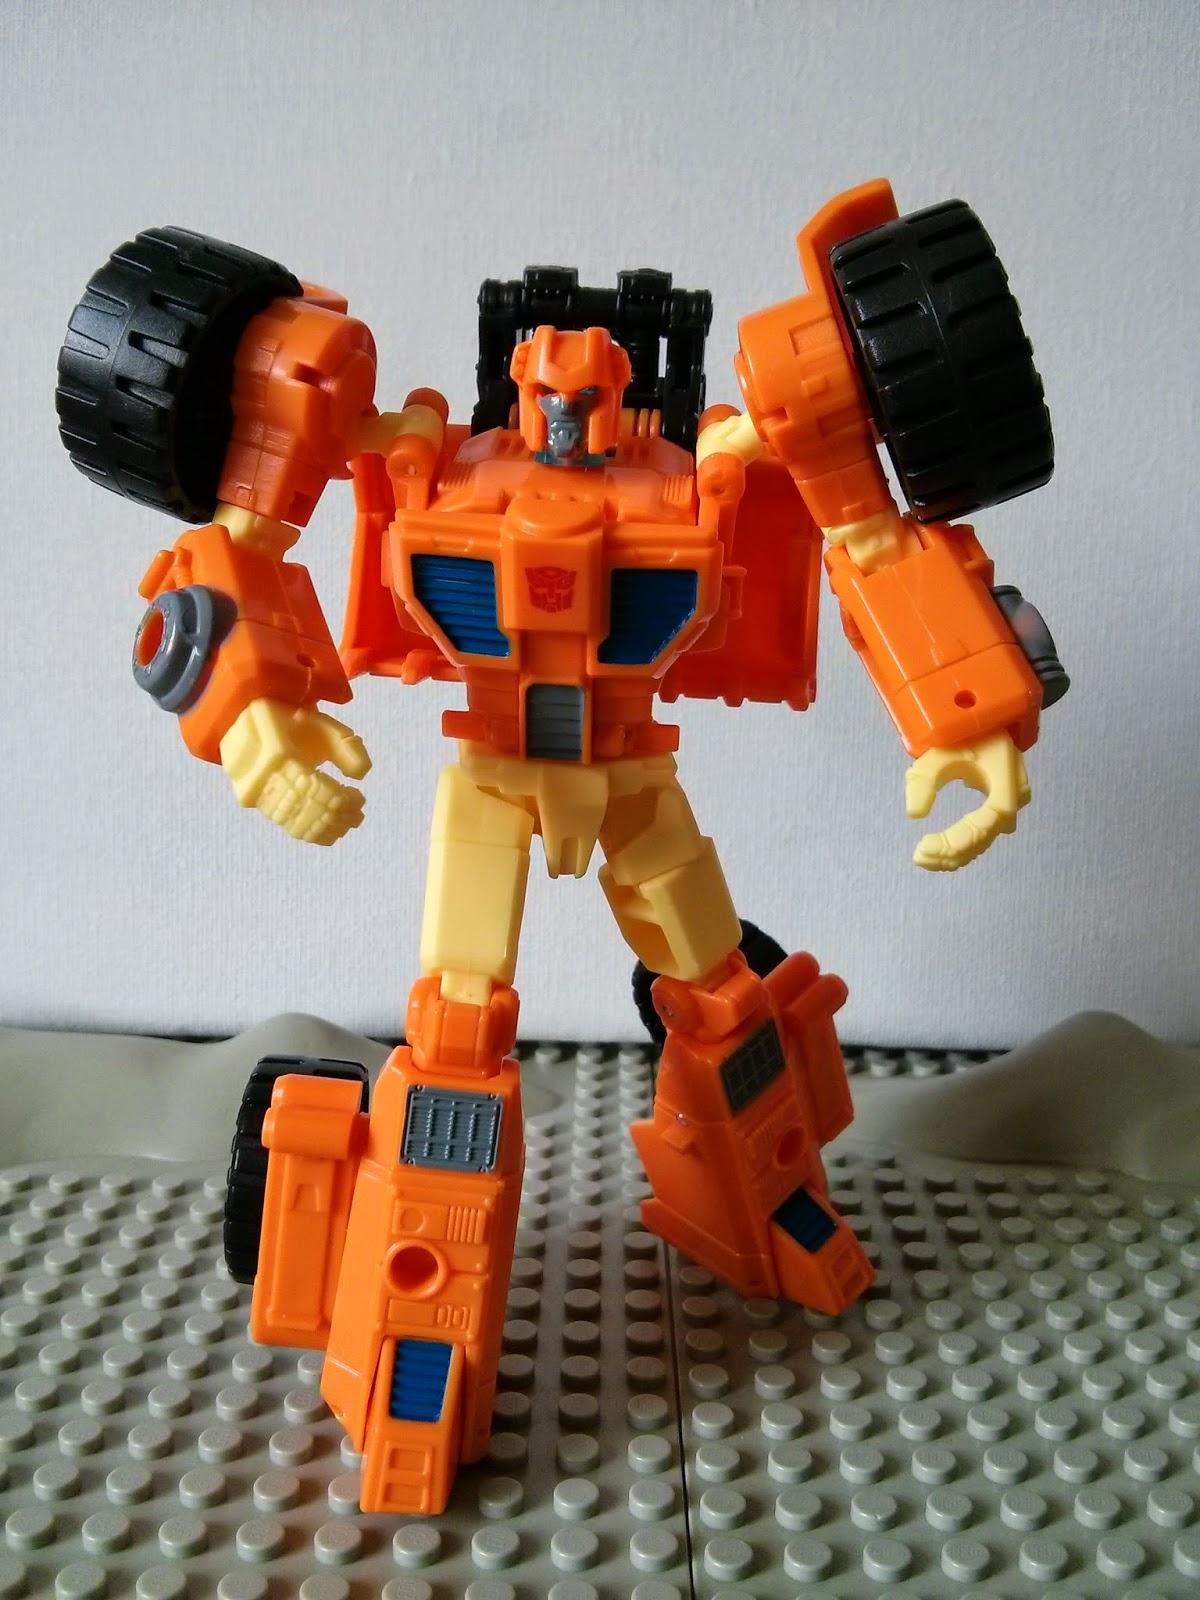 the robot mode